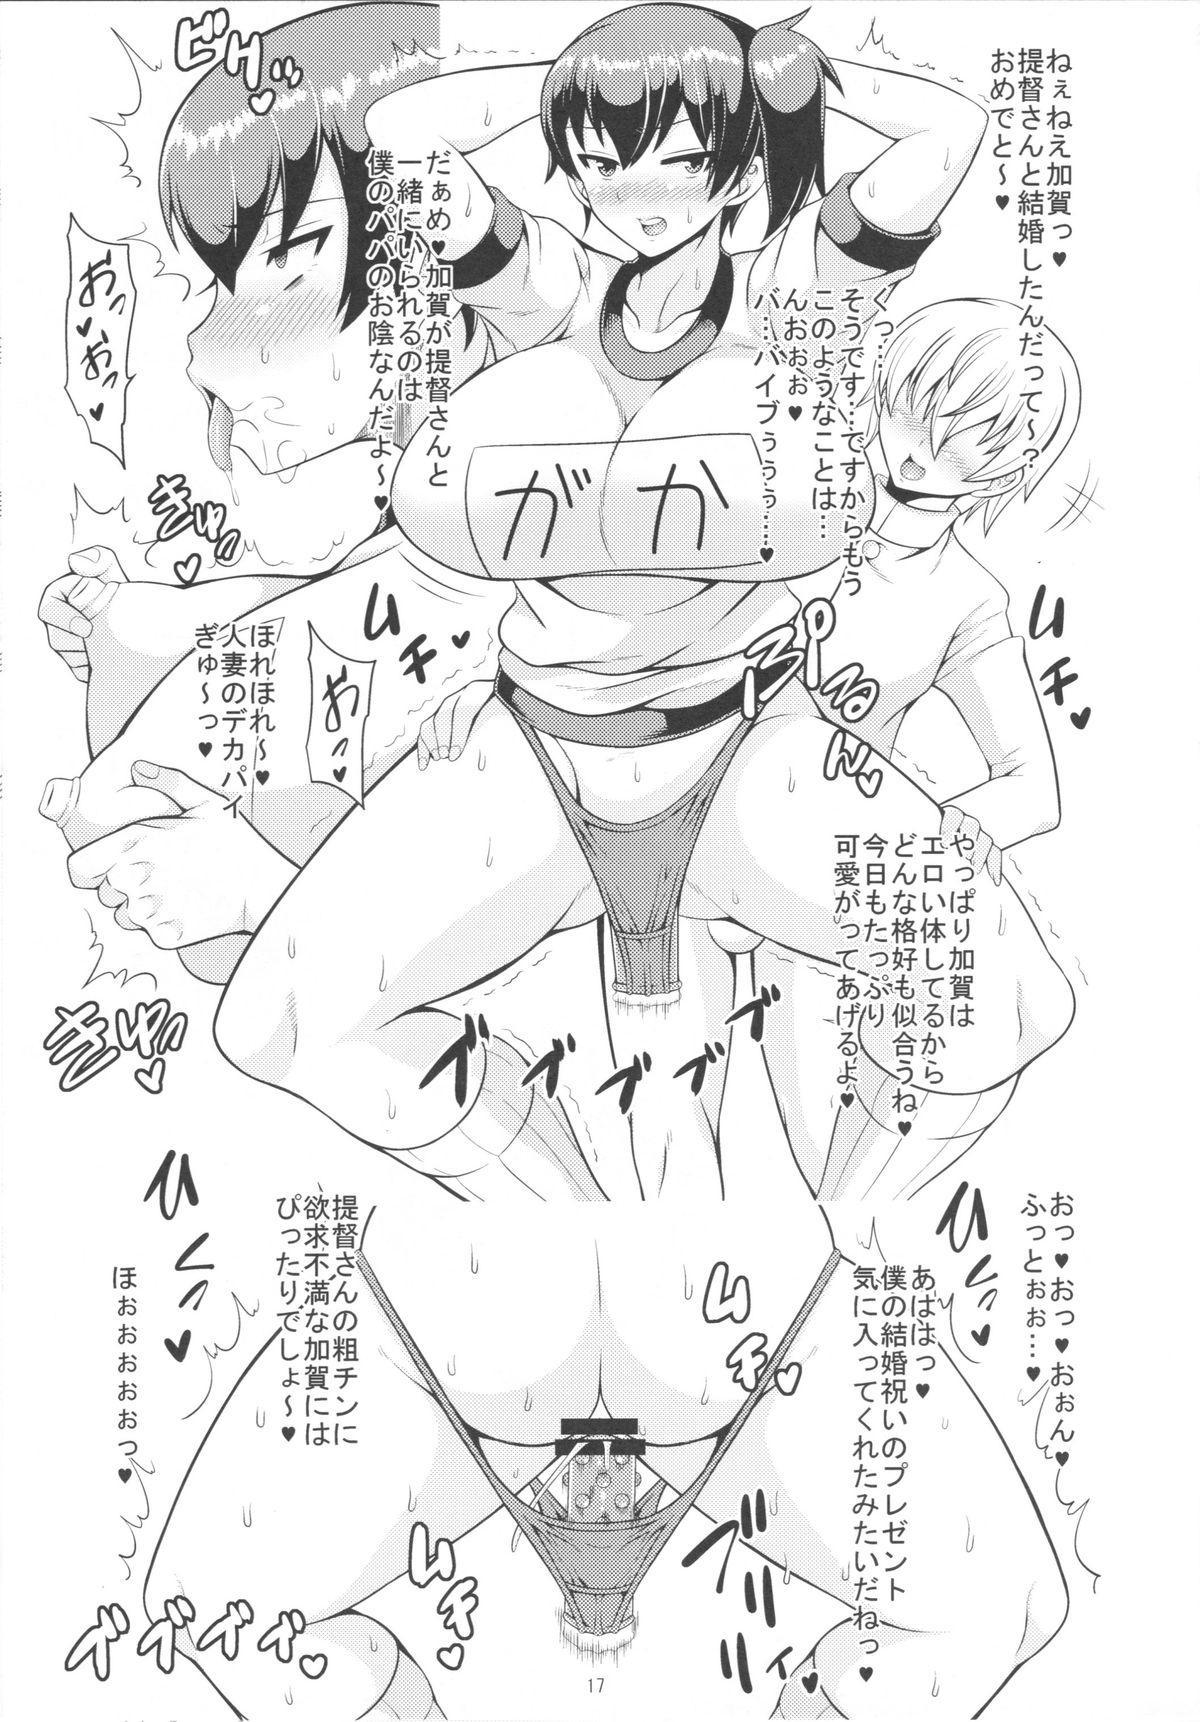 Kaga-san ga ShotaChin de Nhoo♥ suru Hon Kai 16